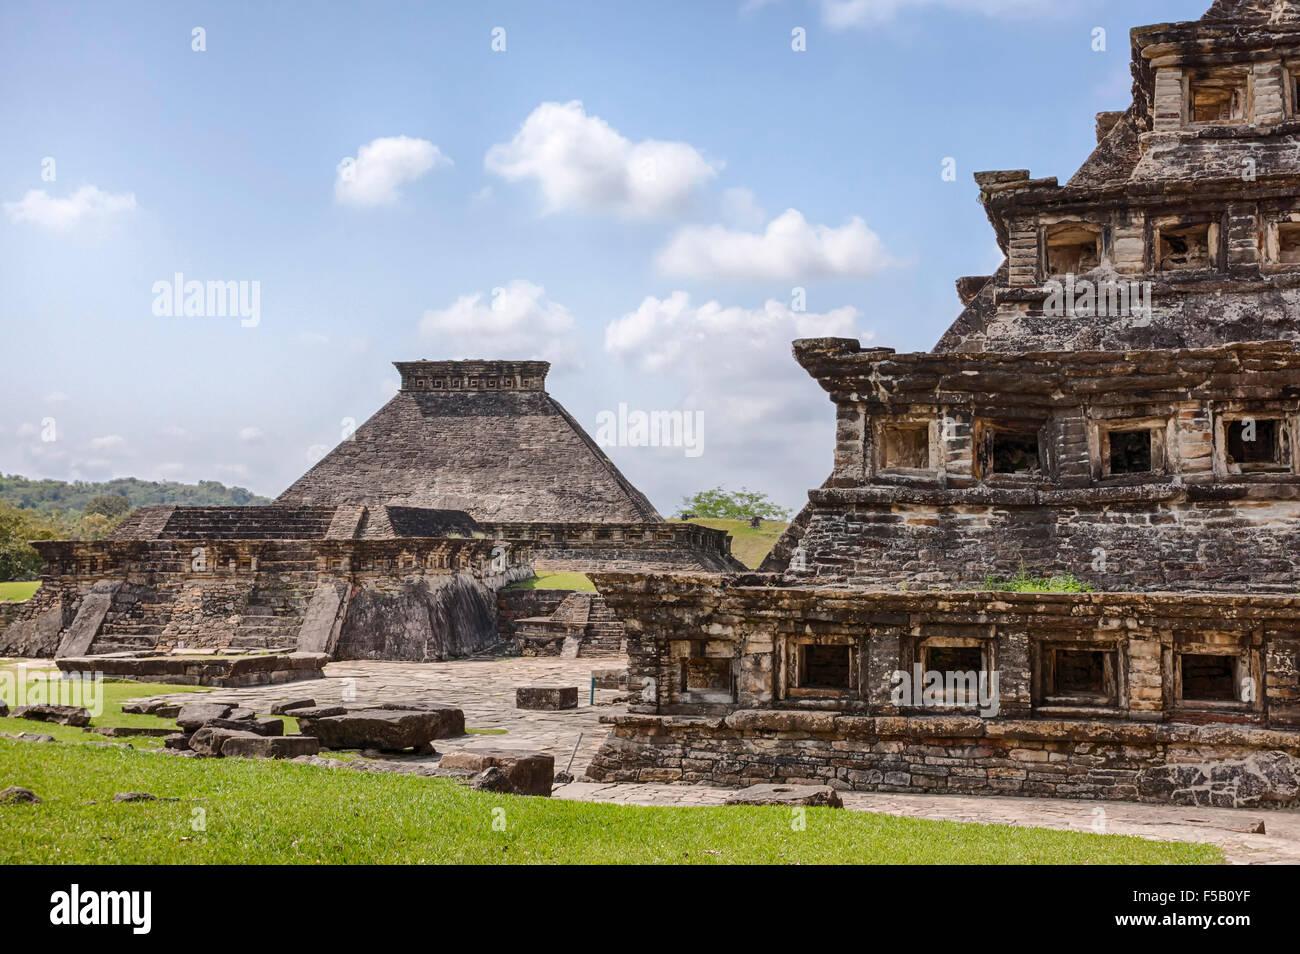 Le bâtiment 5 dans la distance et la pyramide des niches à l'tajin, ruines de Veracruz au Mexique. Photo Stock